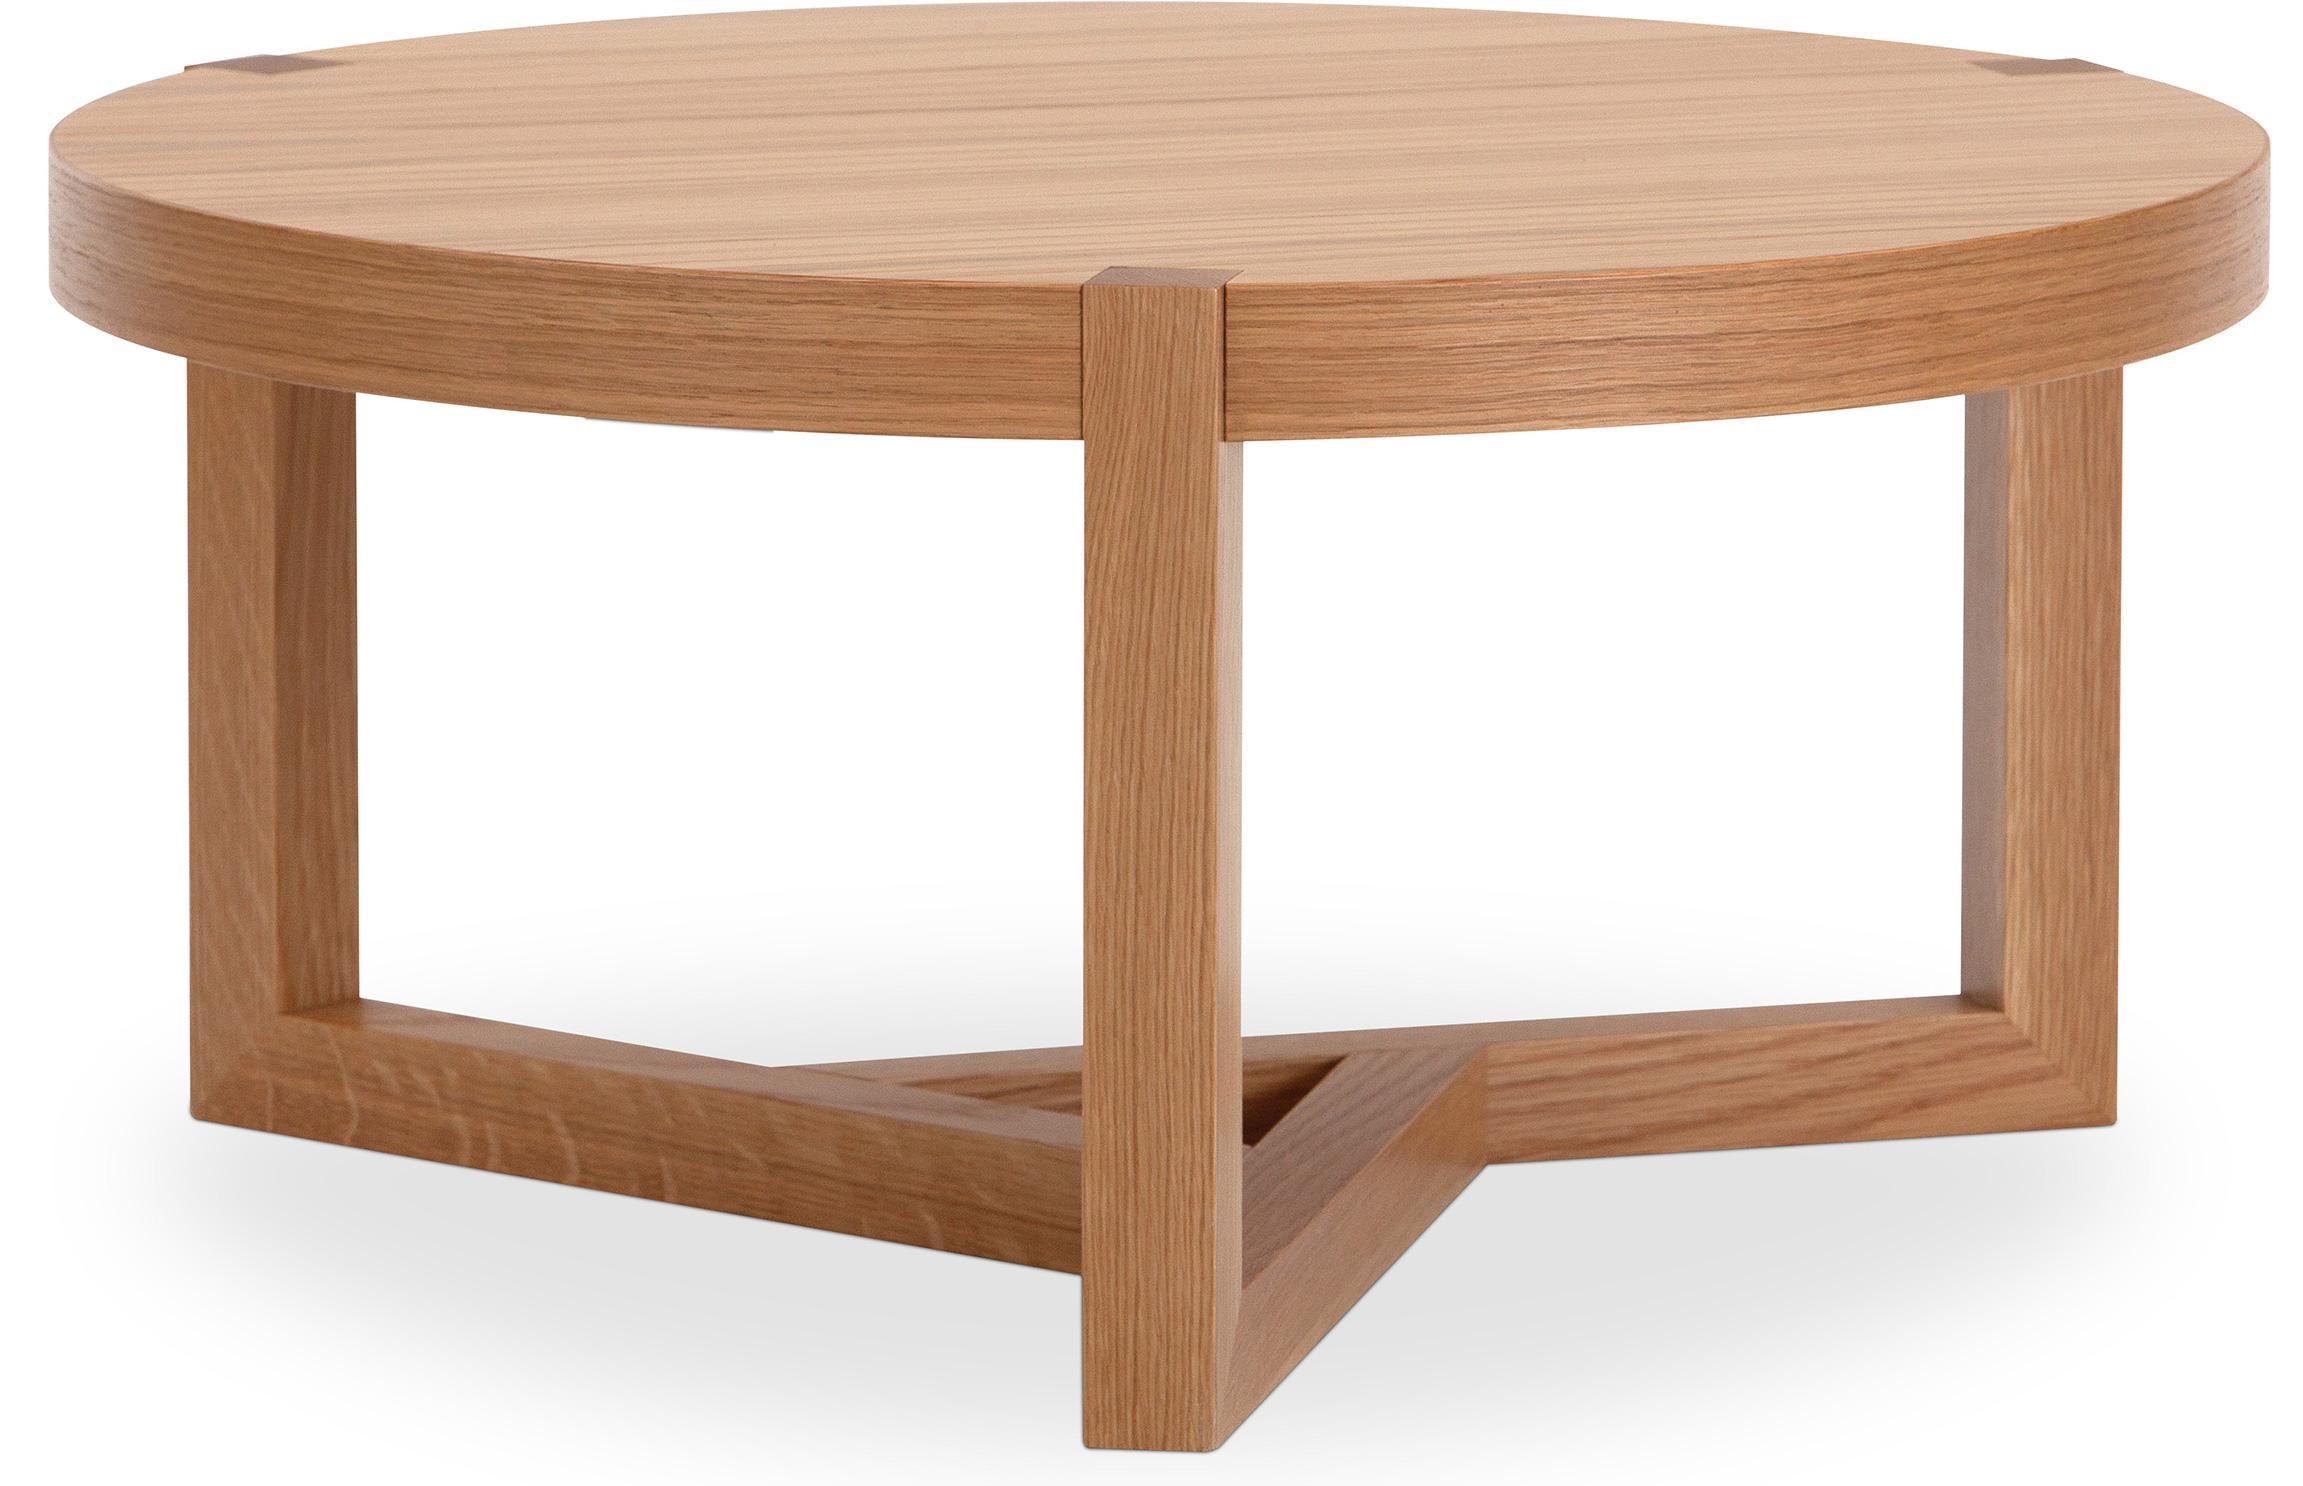 table basse ronde scandinave bois naturel kine. Black Bedroom Furniture Sets. Home Design Ideas